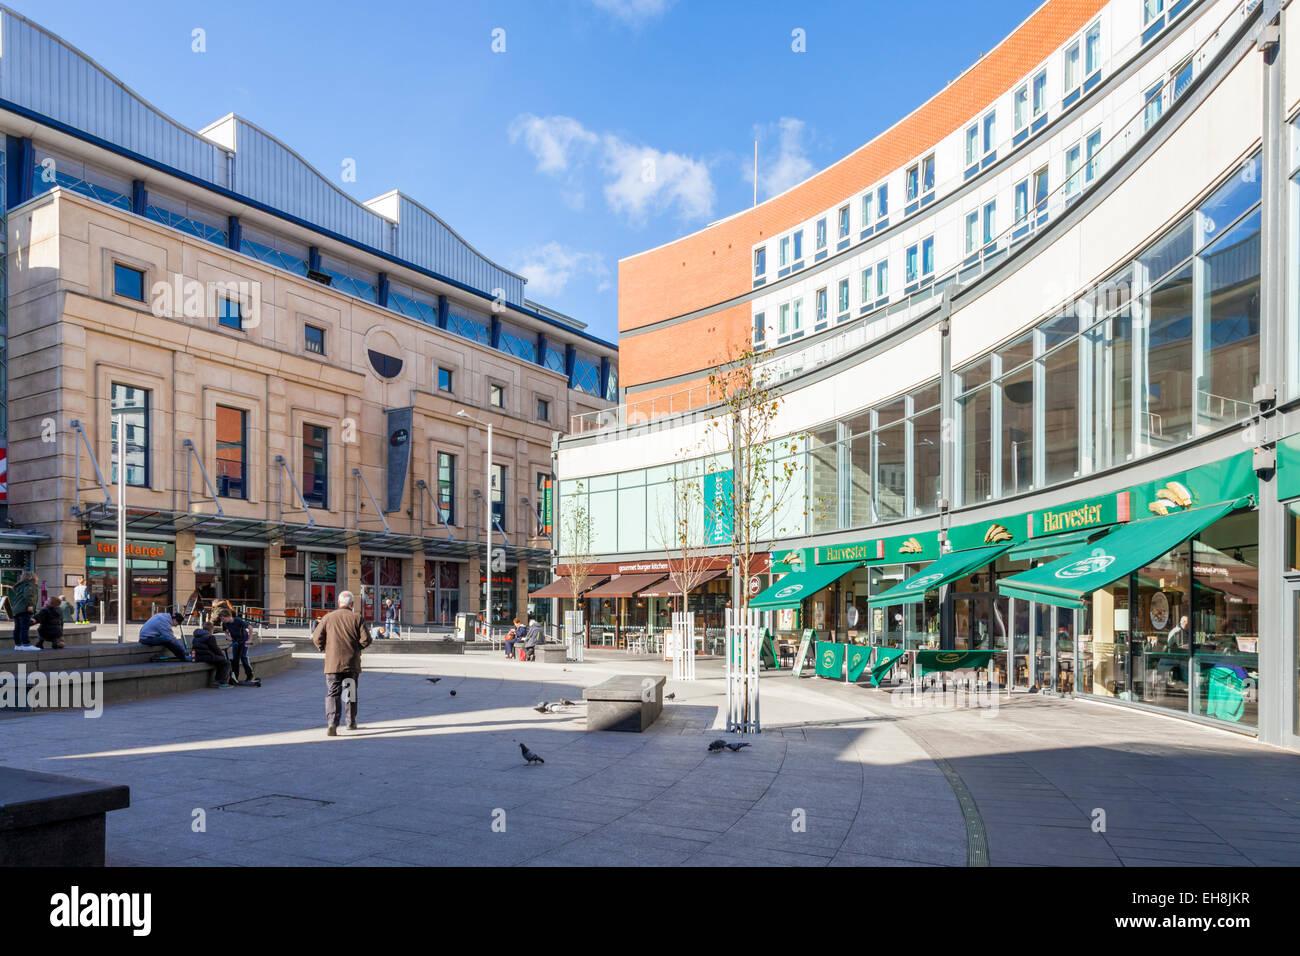 Stadtzentrum Fußgängerzone mit Restaurants umgeben. Trinity Square, Nottingham, England, Großbritannien Stockbild